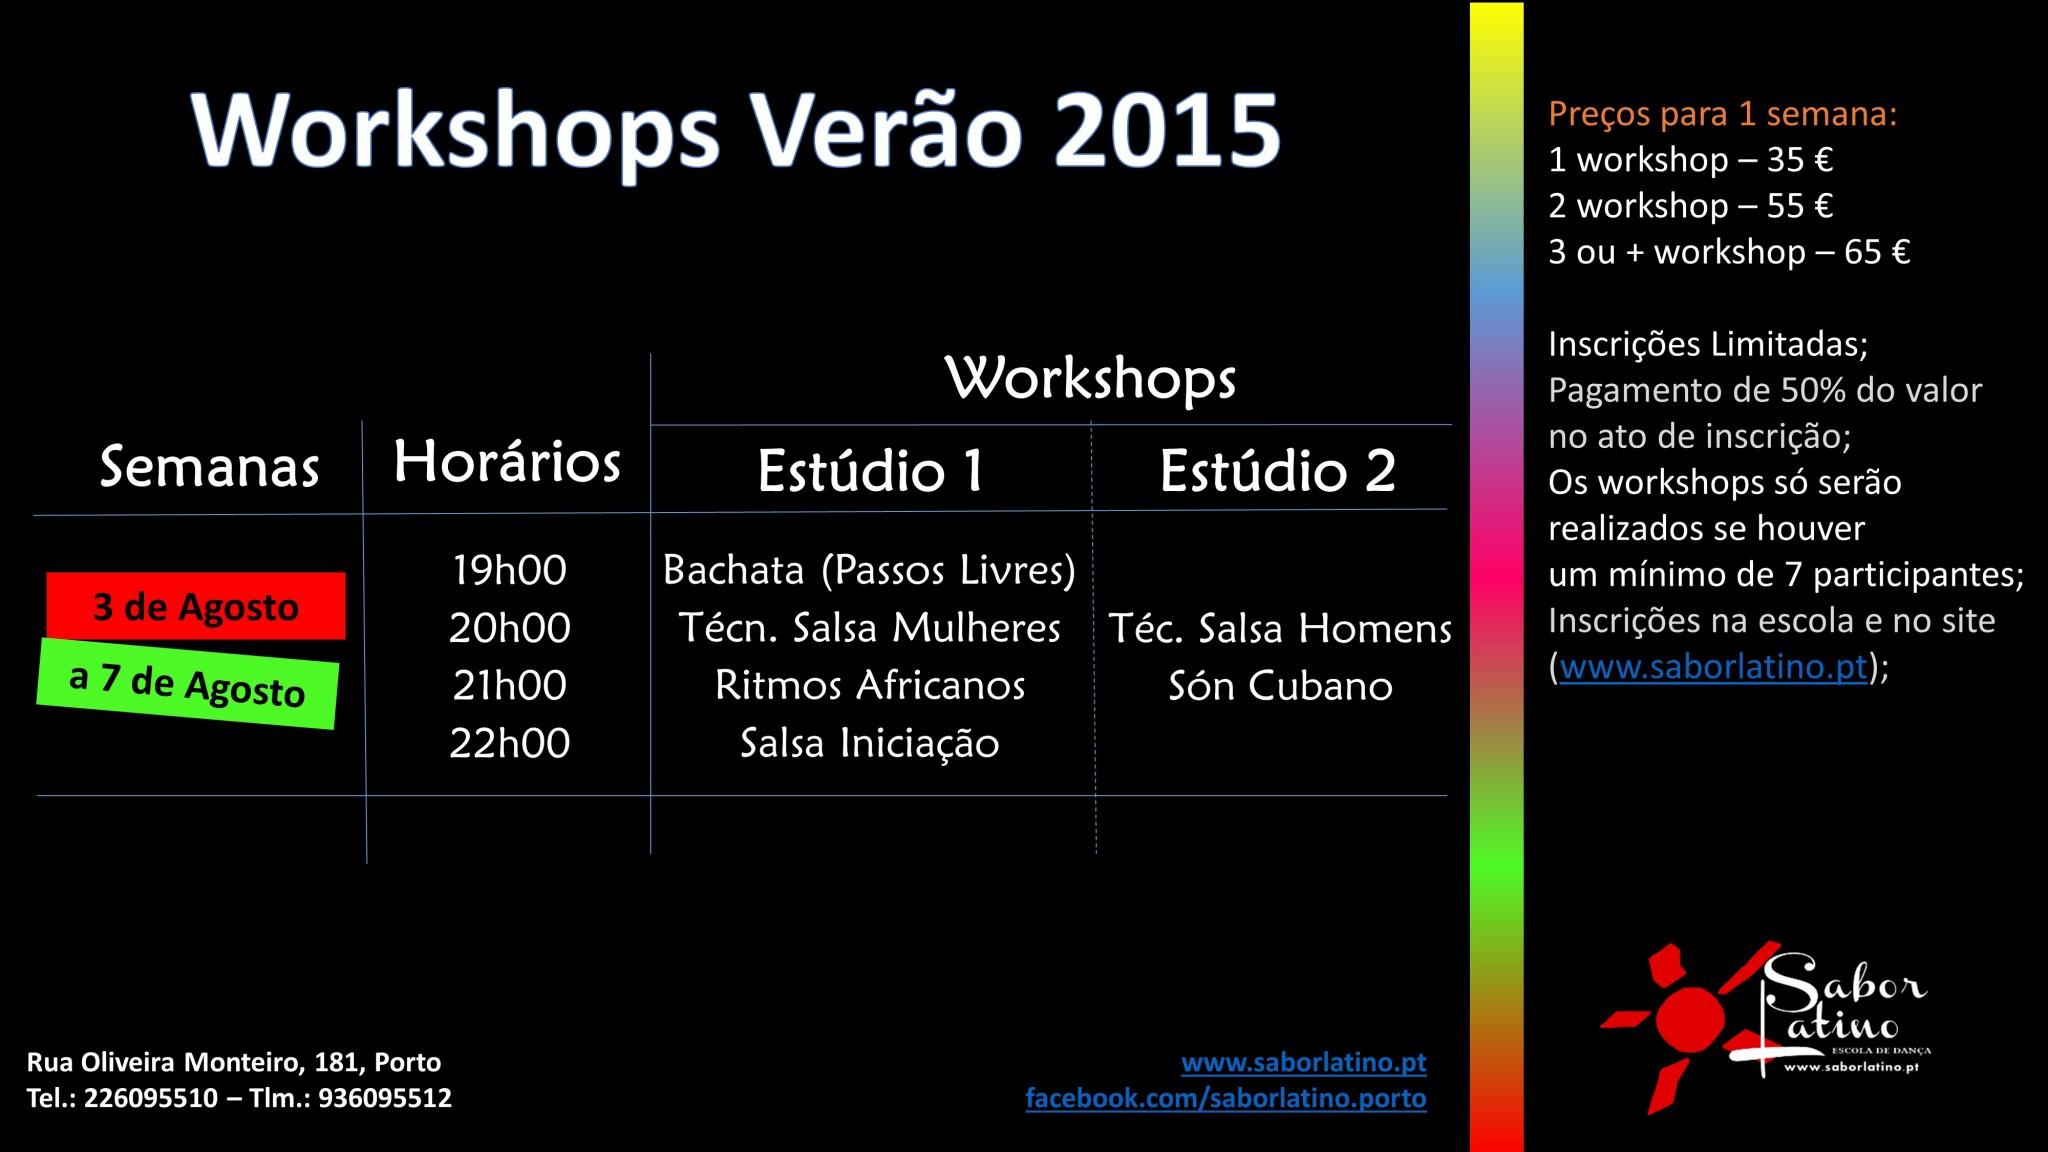 workshops-de-verão_preços2015